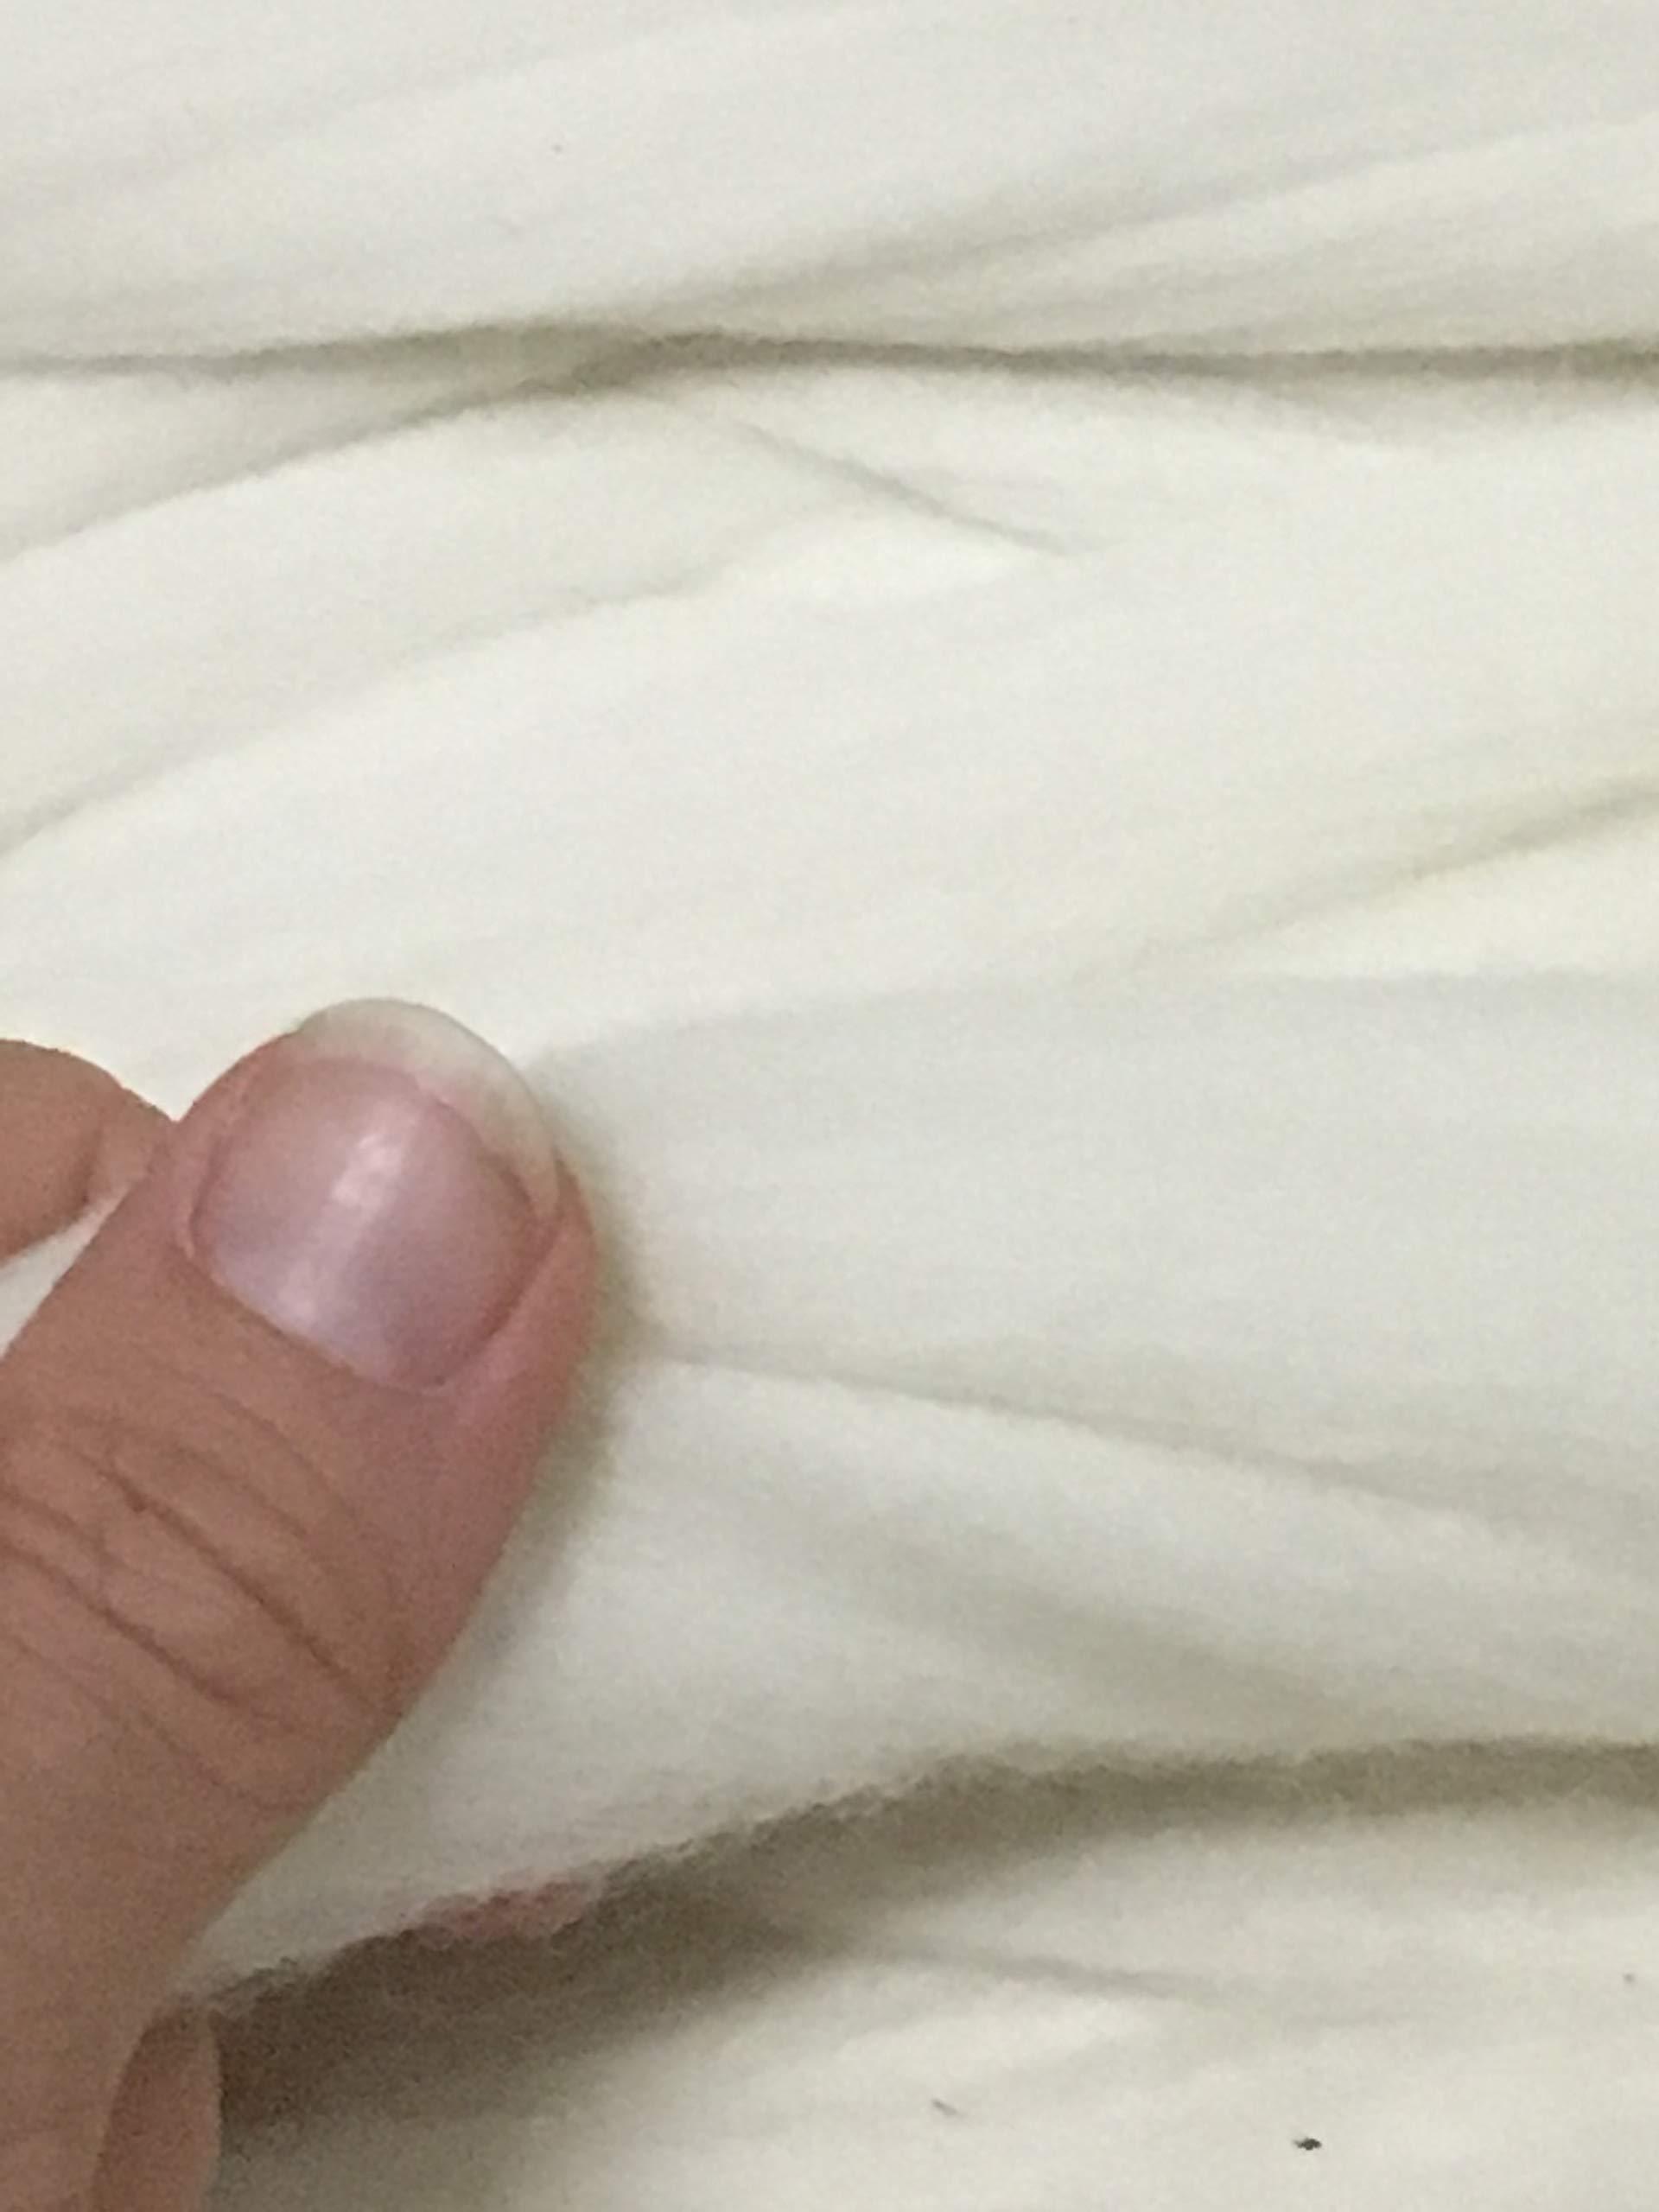 Shep's Natural White Merino Wool Top Roving Fiber Spinning, Felting Crafts USA (4lb)